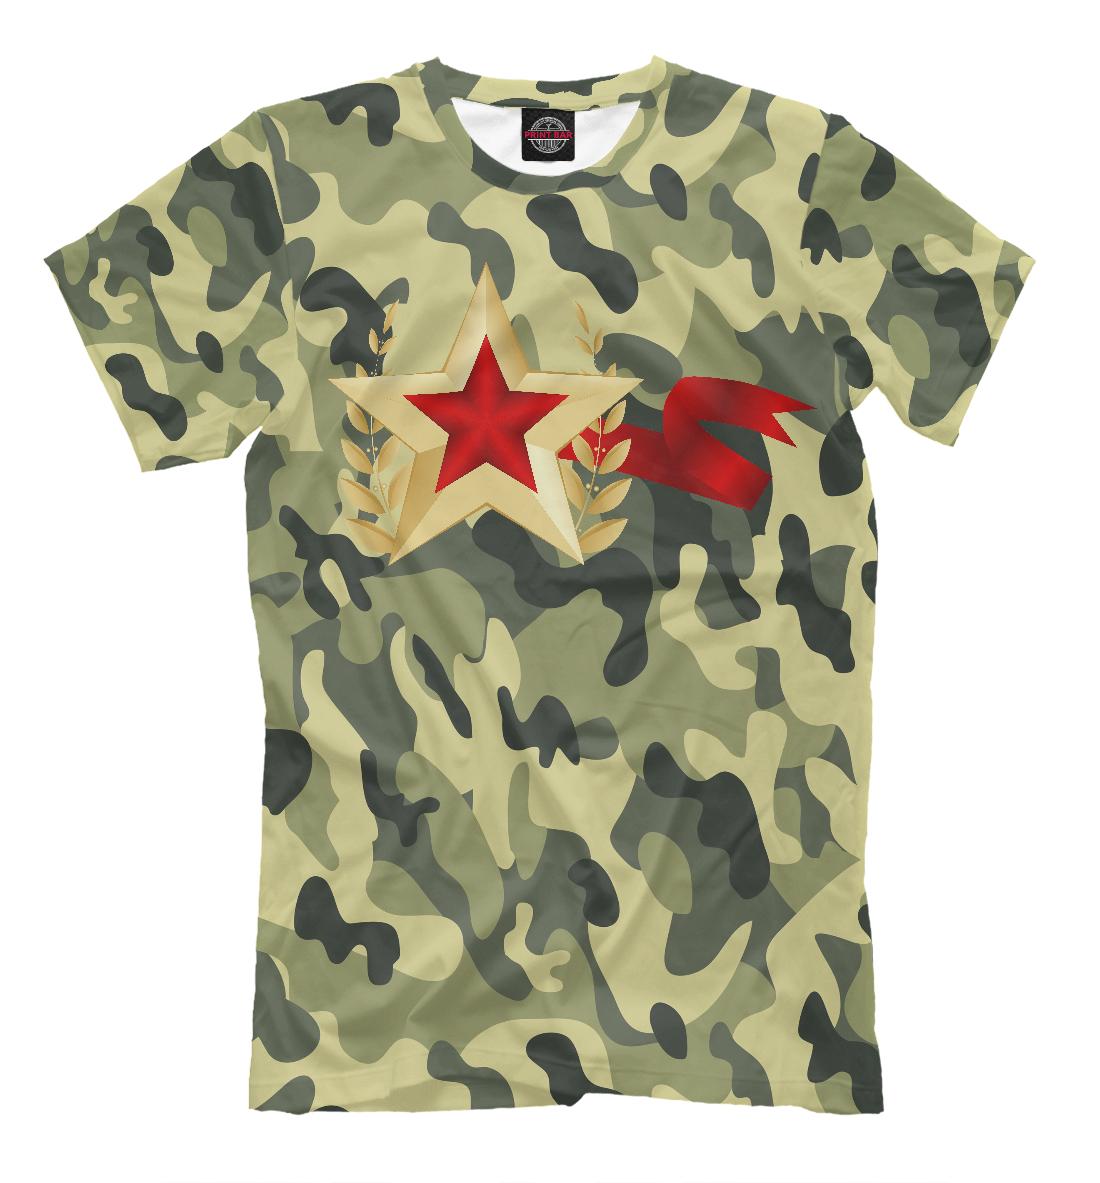 ❶Купить футболки для мальчика на 23 февраля|Поздравления с 23 февраля тем кто служит в армии|Коллекция Lamb of God | Футболки и Майки с Принтами, Рисунками, Надписями. Интернет Магазин|40-54-12(34/140)- Майка детская для мальчиков|}